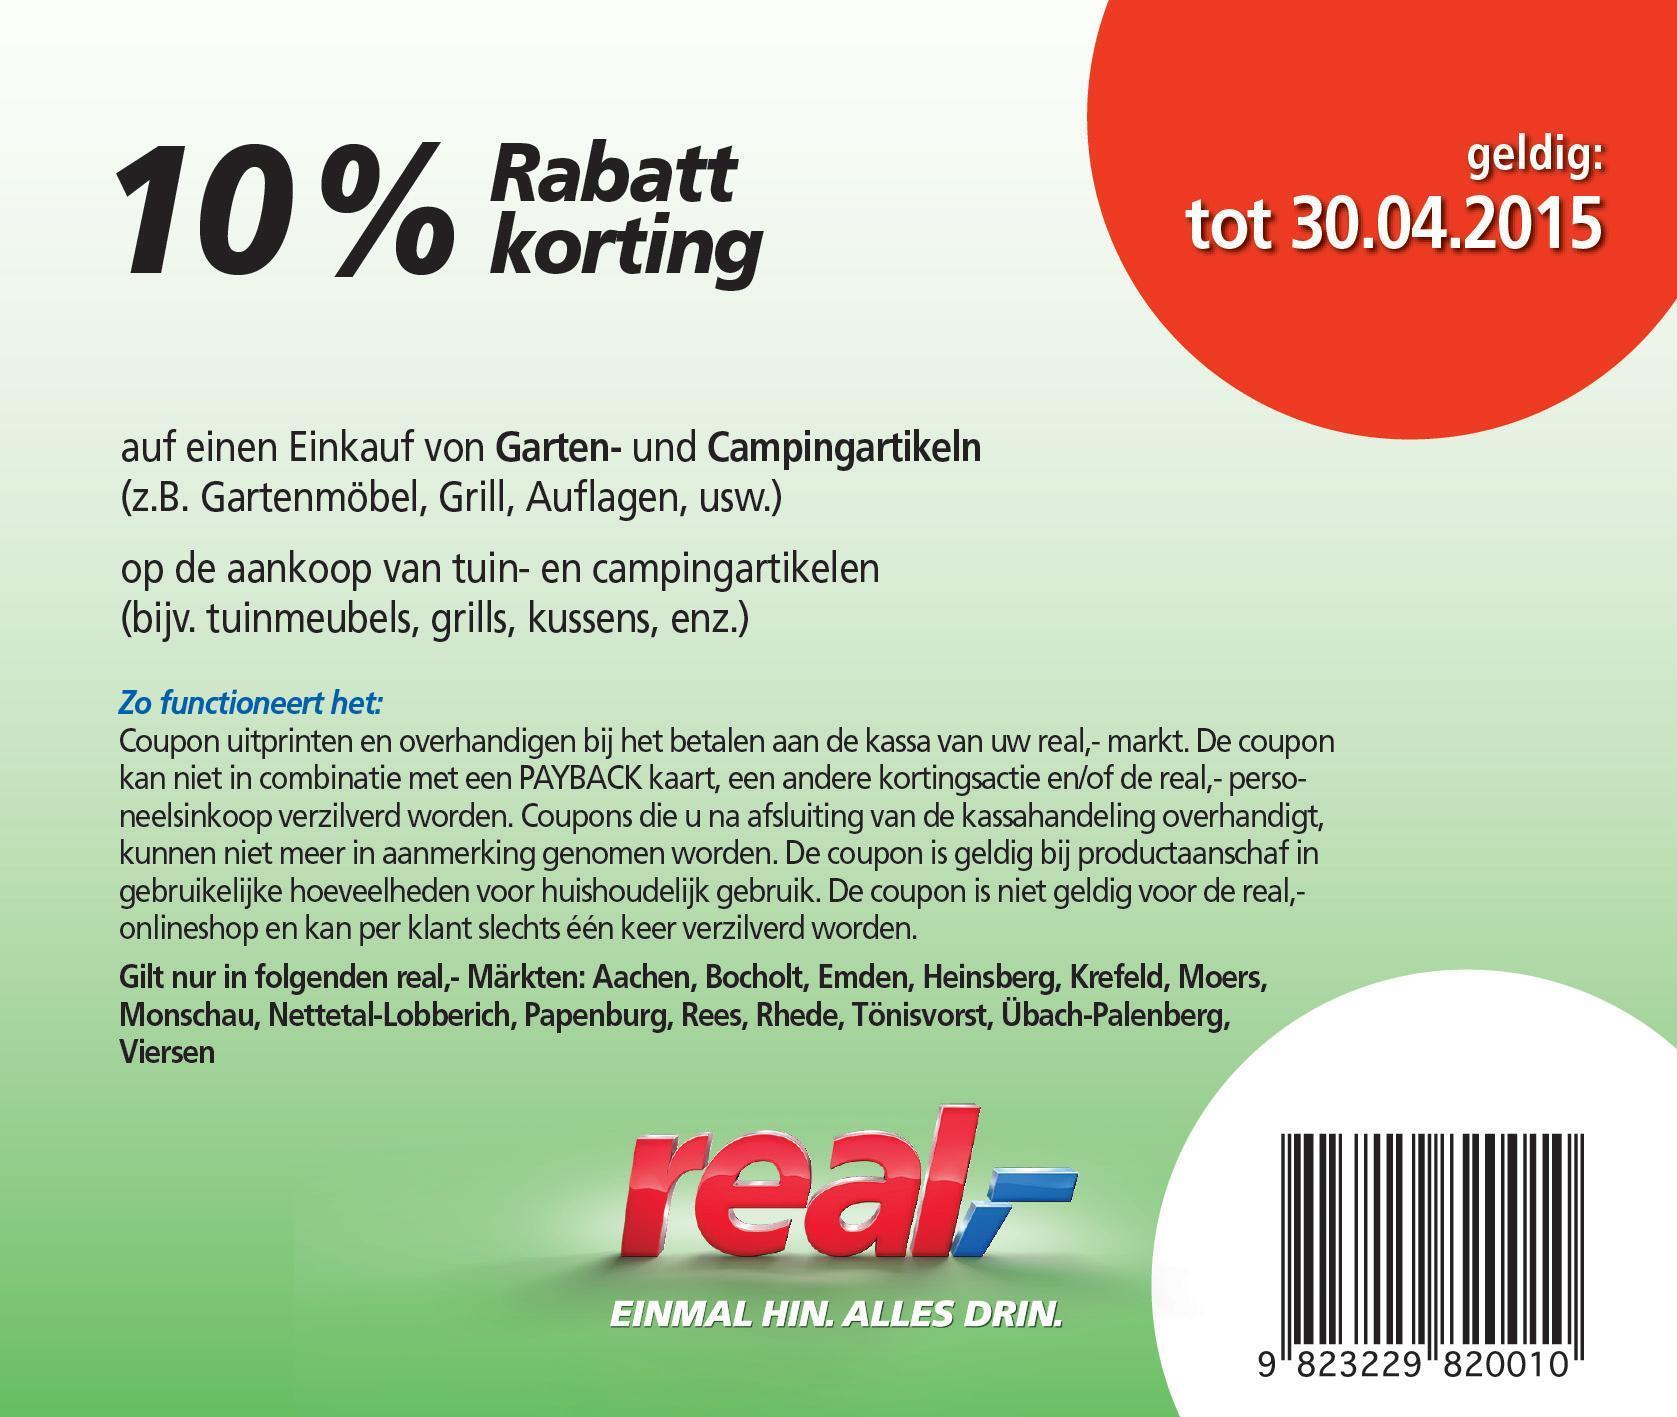 coupons_apr_2015_nl-pv6a39.jpg